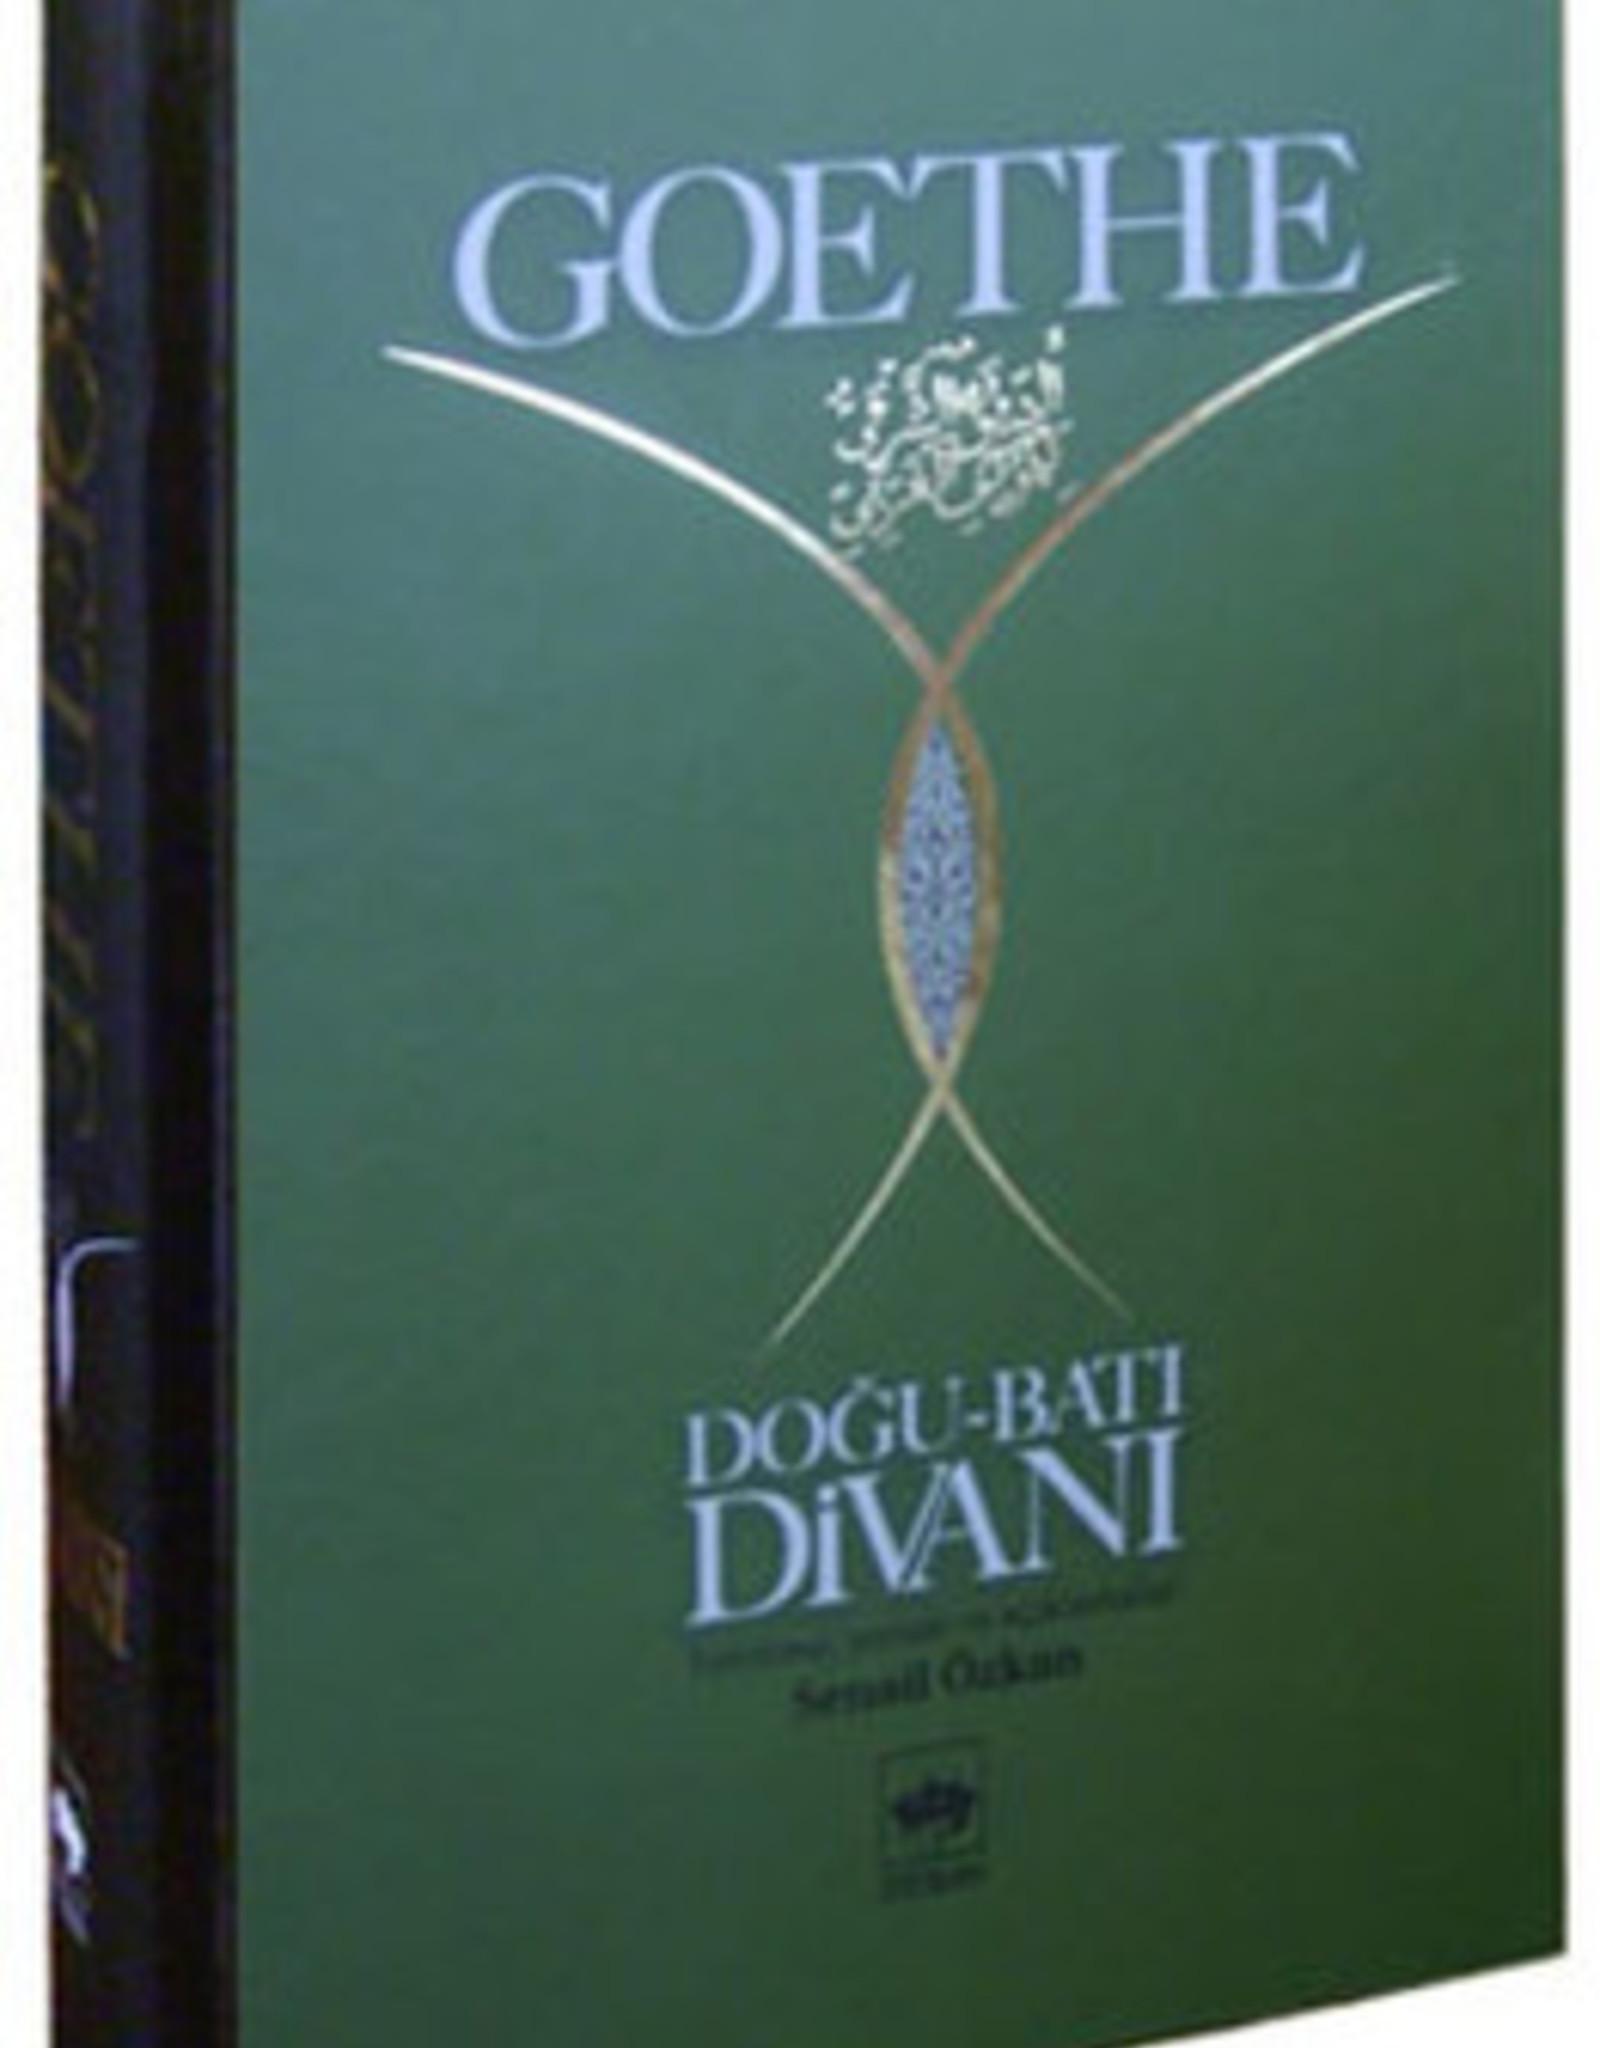 Goethe Doğu - Batı Divan